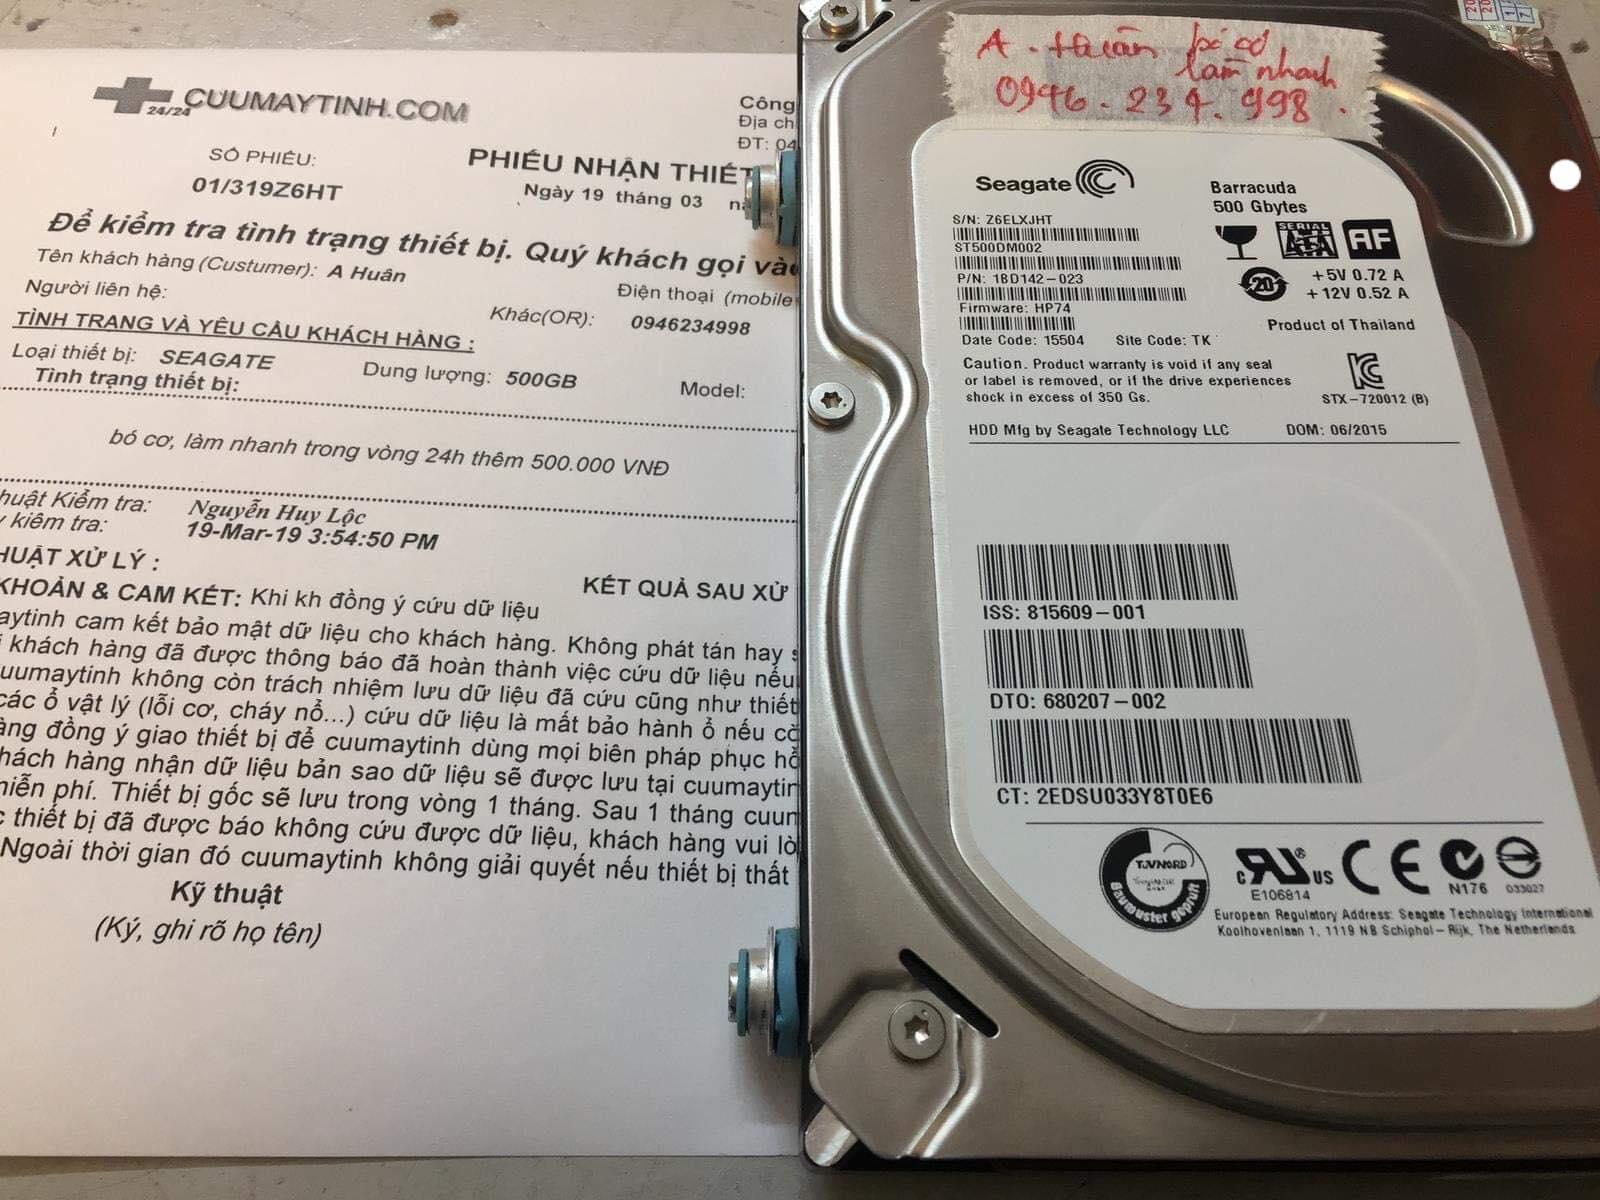 Khôi phục dữ liệu ổ cứng Seagate 500GB bó cơ 19/03/2019 - cuumaytinh